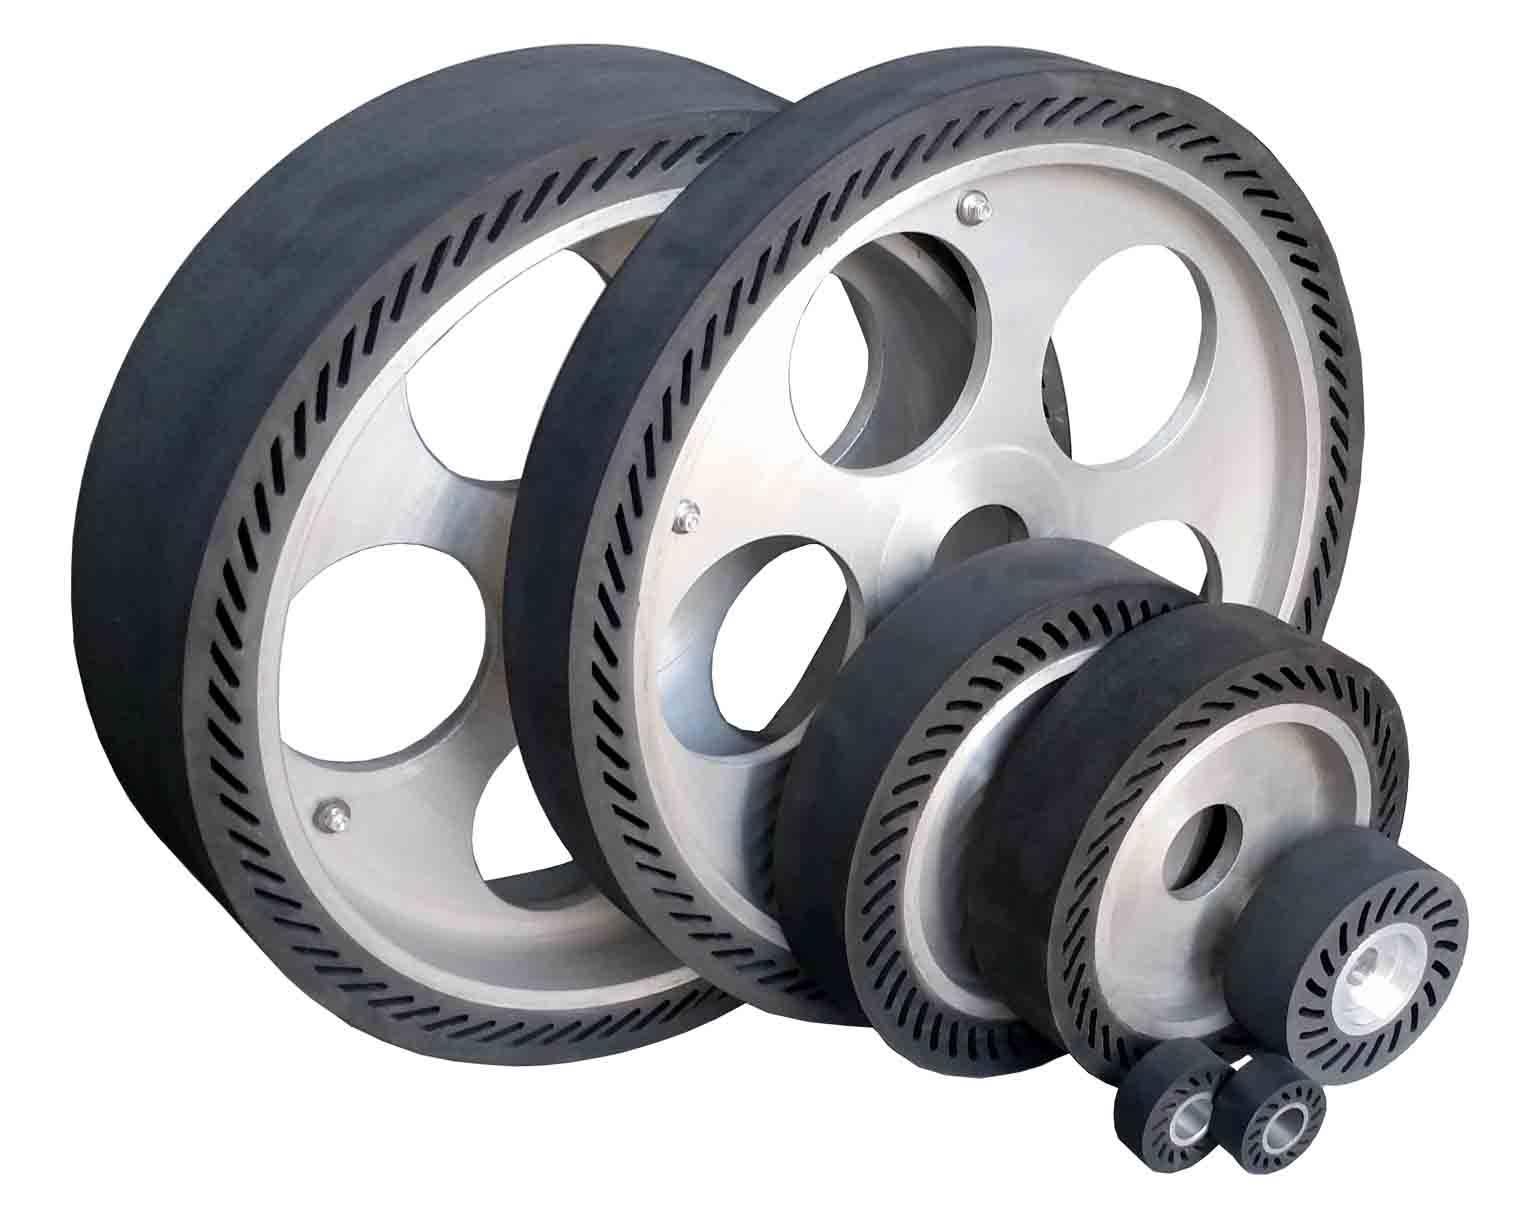 Plain Face Expander Wheels